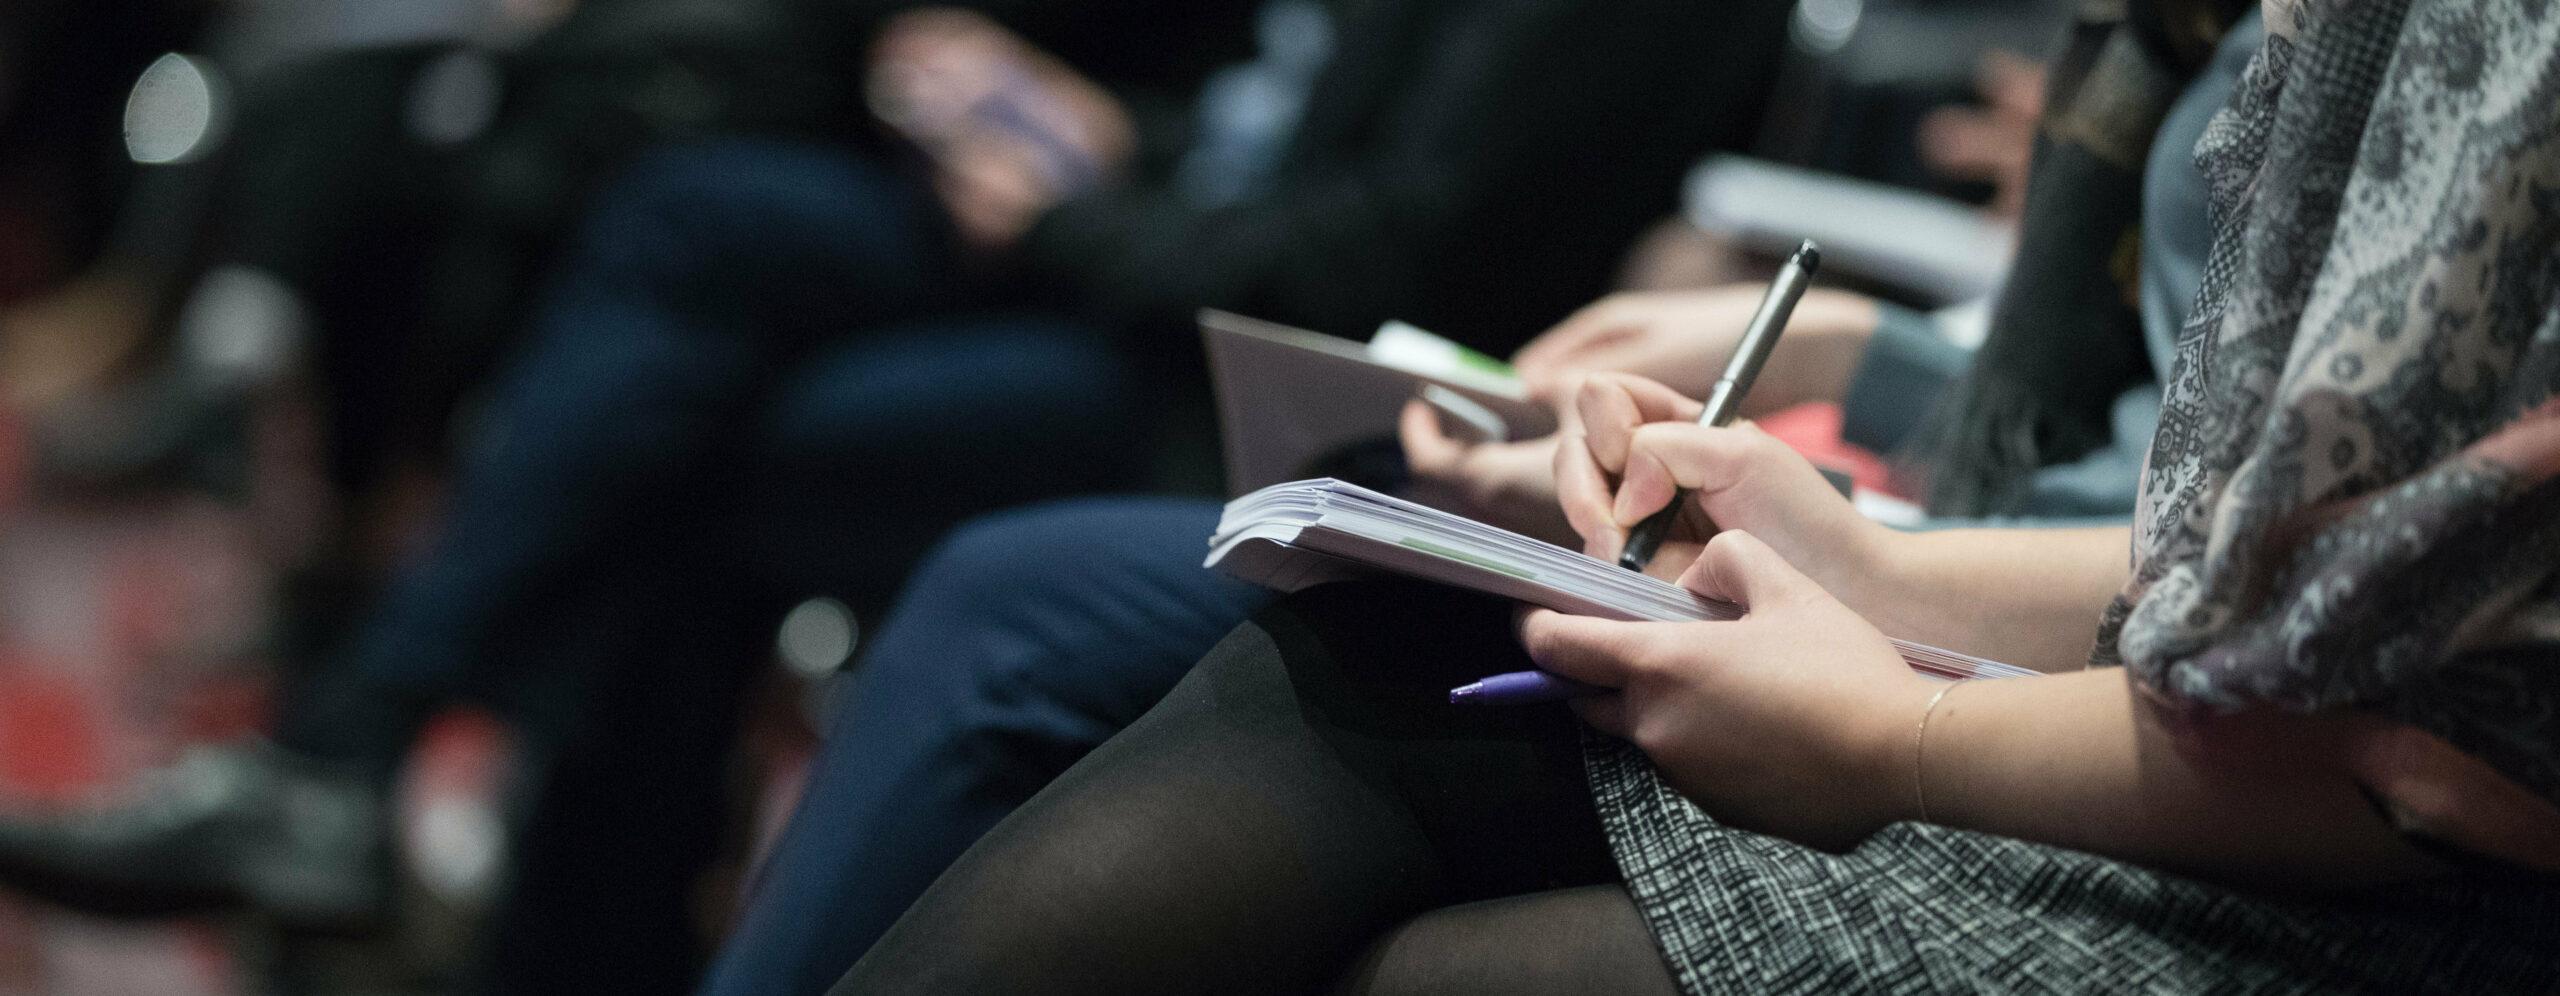 Personen sitzen in einer Reihe und schreiben auf Notizblöcken